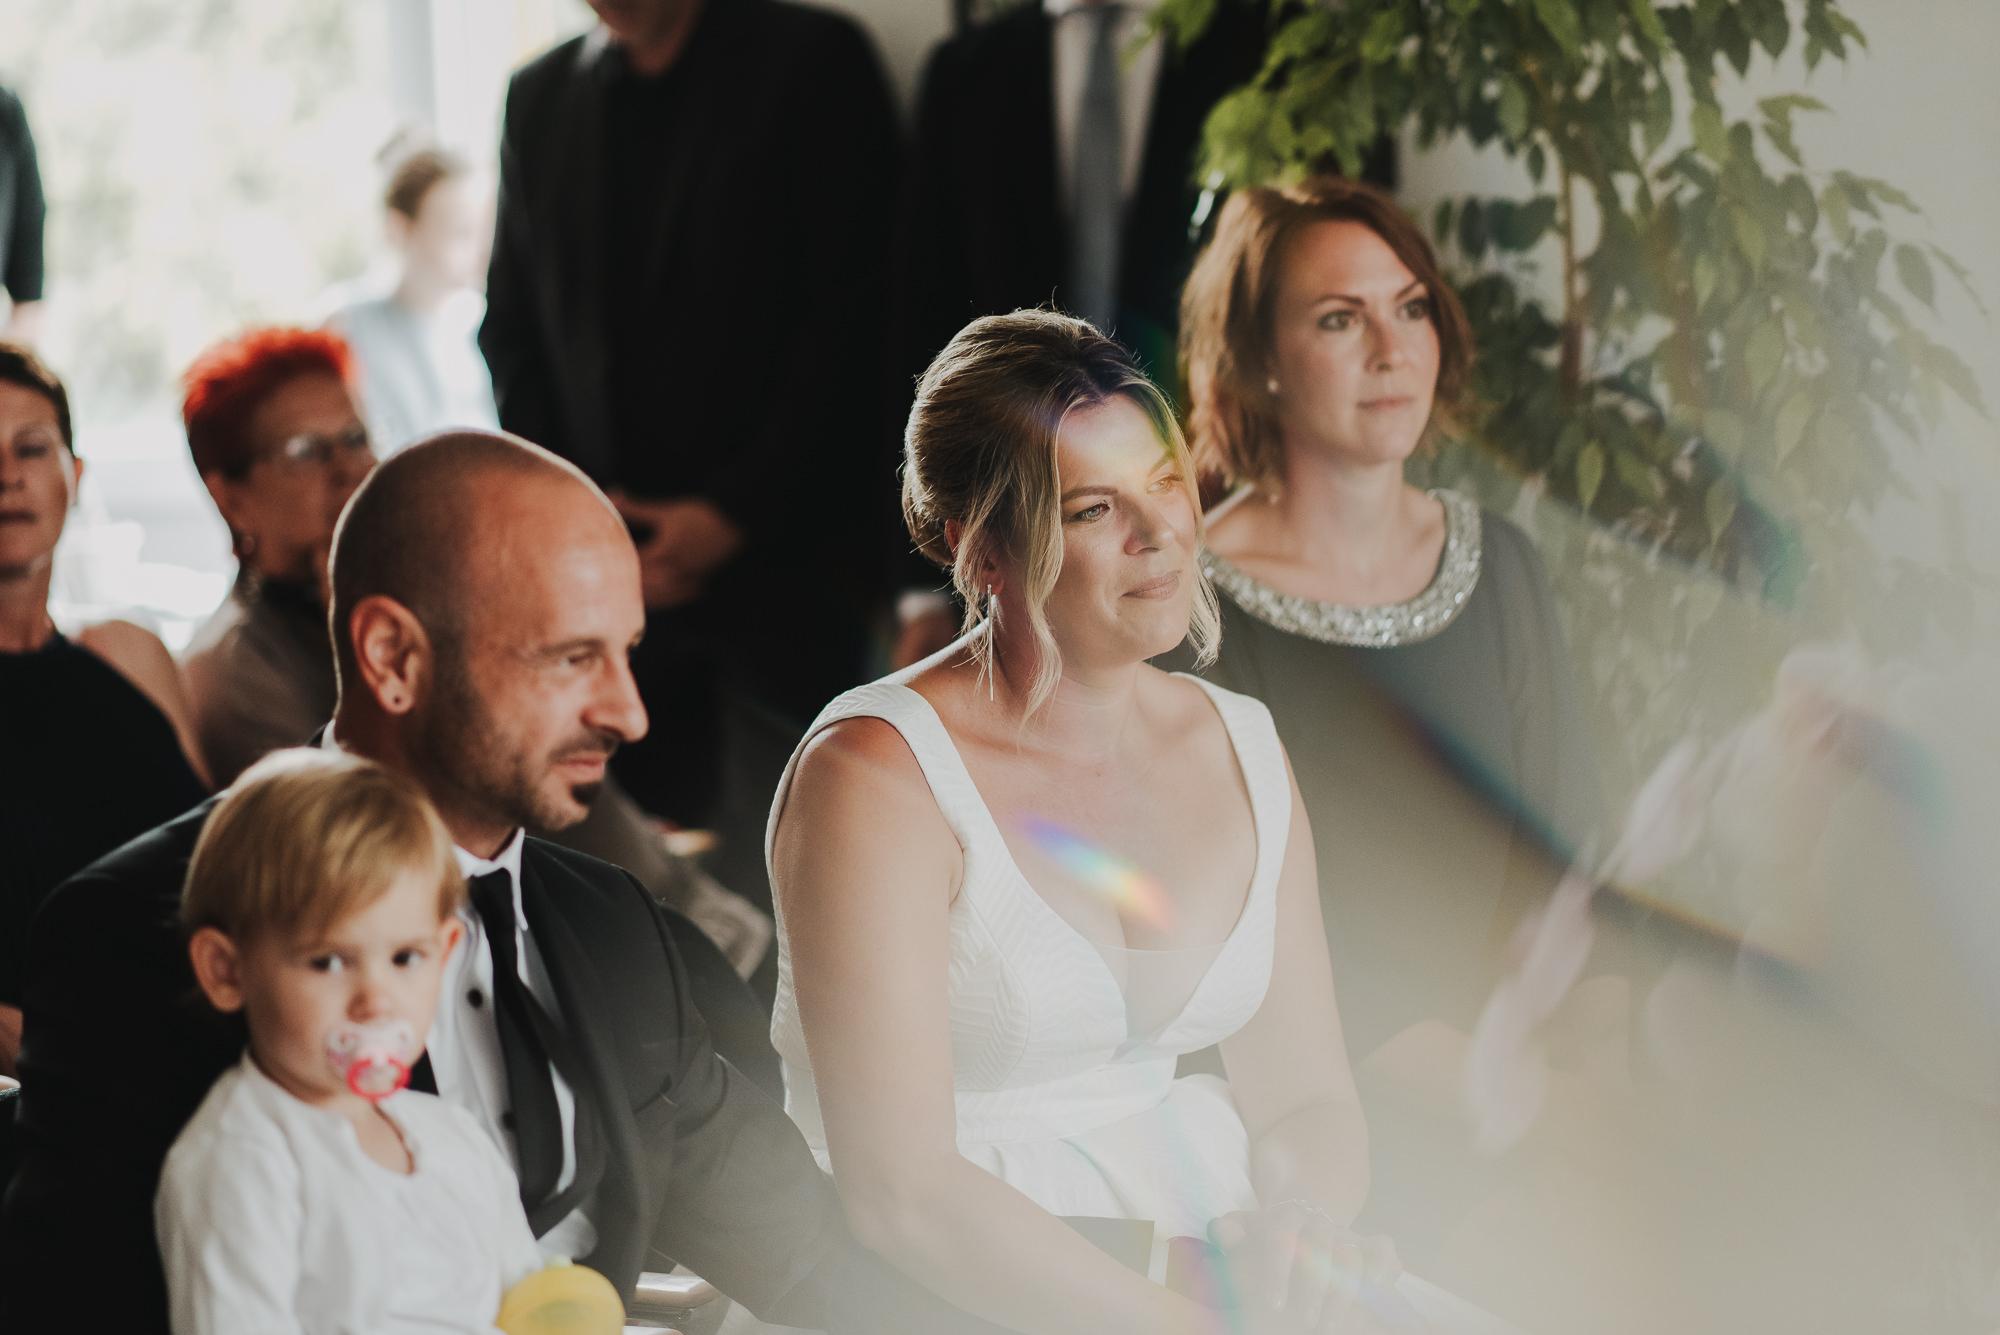 Hochzeitsfotograf-Biebesheim-am-Rhein Standesamt-Biebesheim-am-Rhein Brautpaar Braut Bräutigam